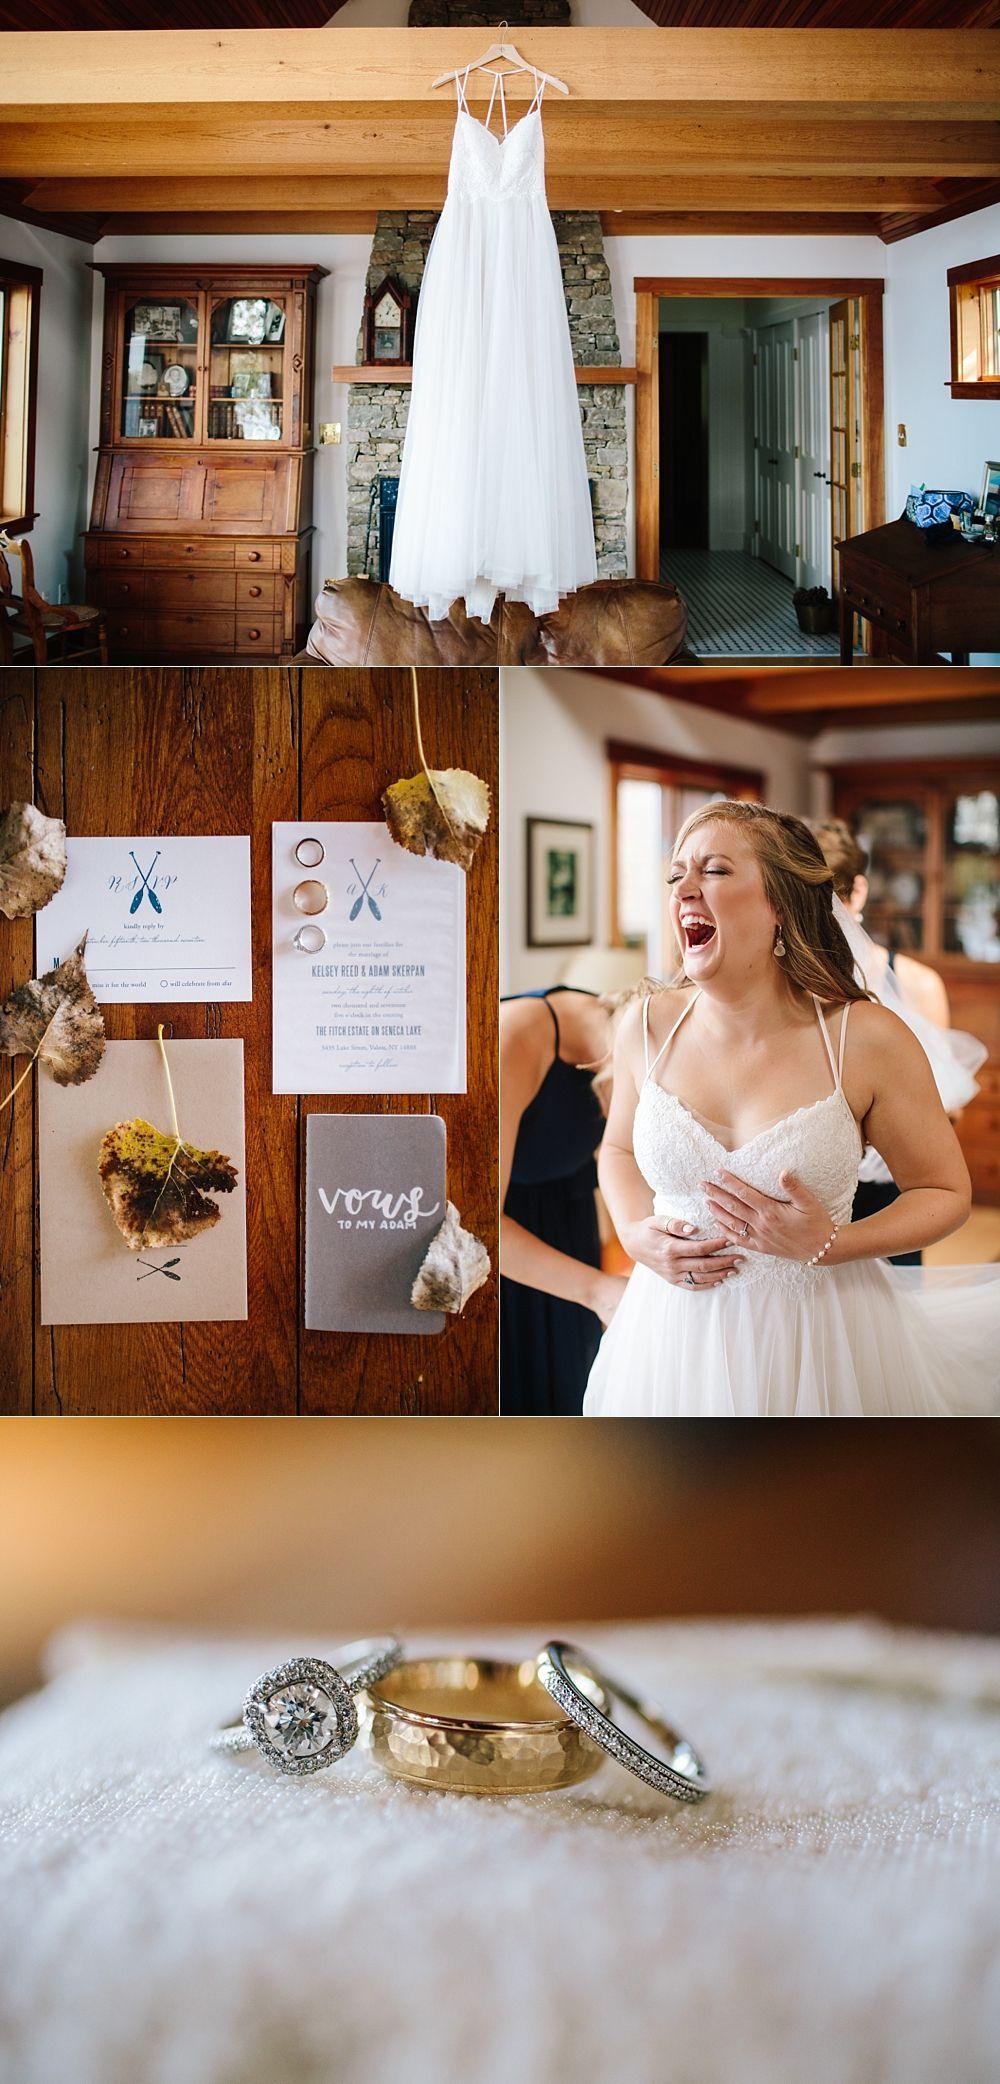 Fitch Estate On Seneca Lake Wedding Finger Lakes Photographers Alexandra Meseke Weddingdress Weddingphotography